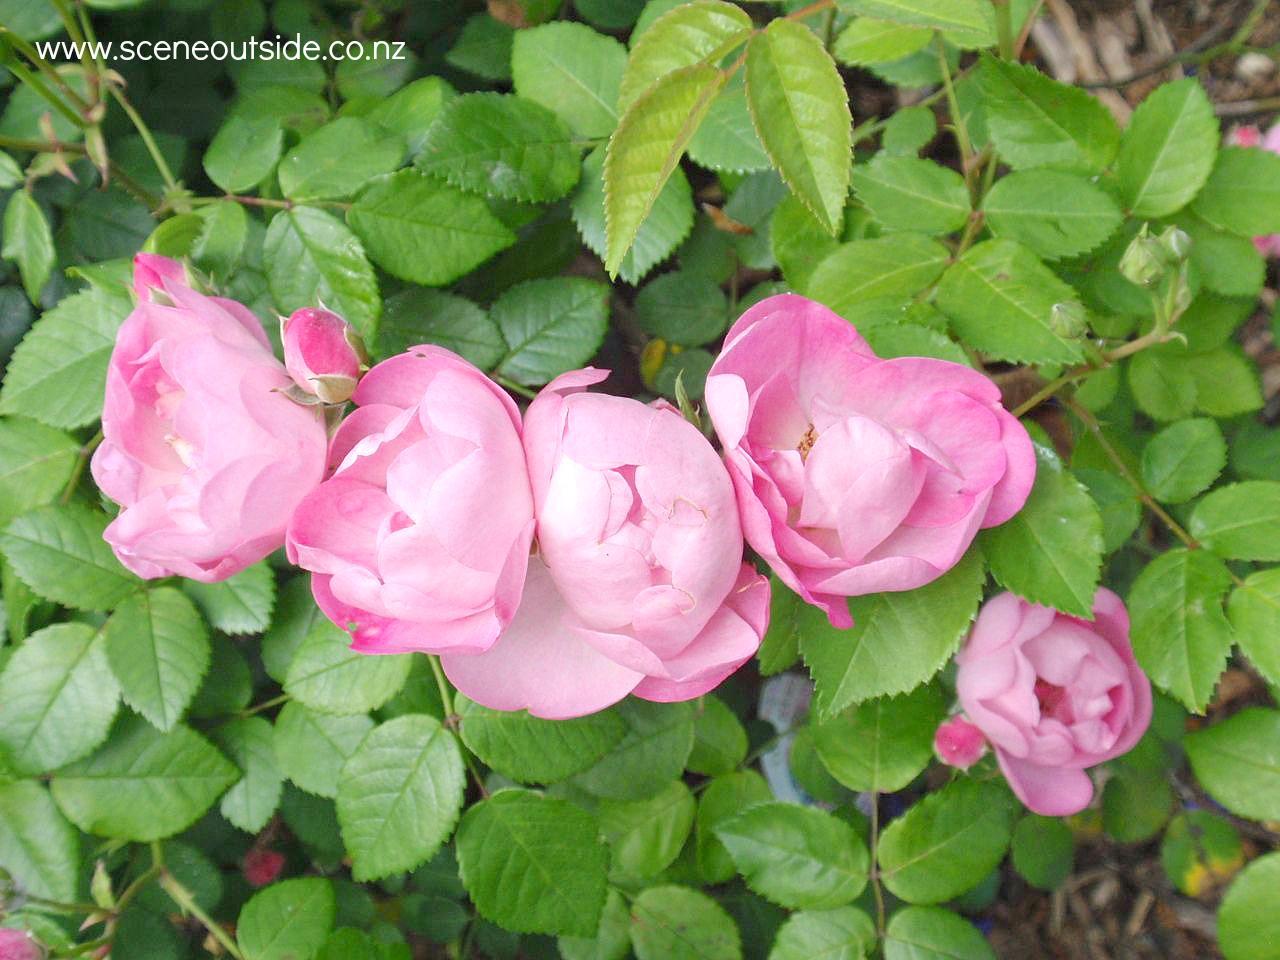 rosa-raubritter-1.jpg